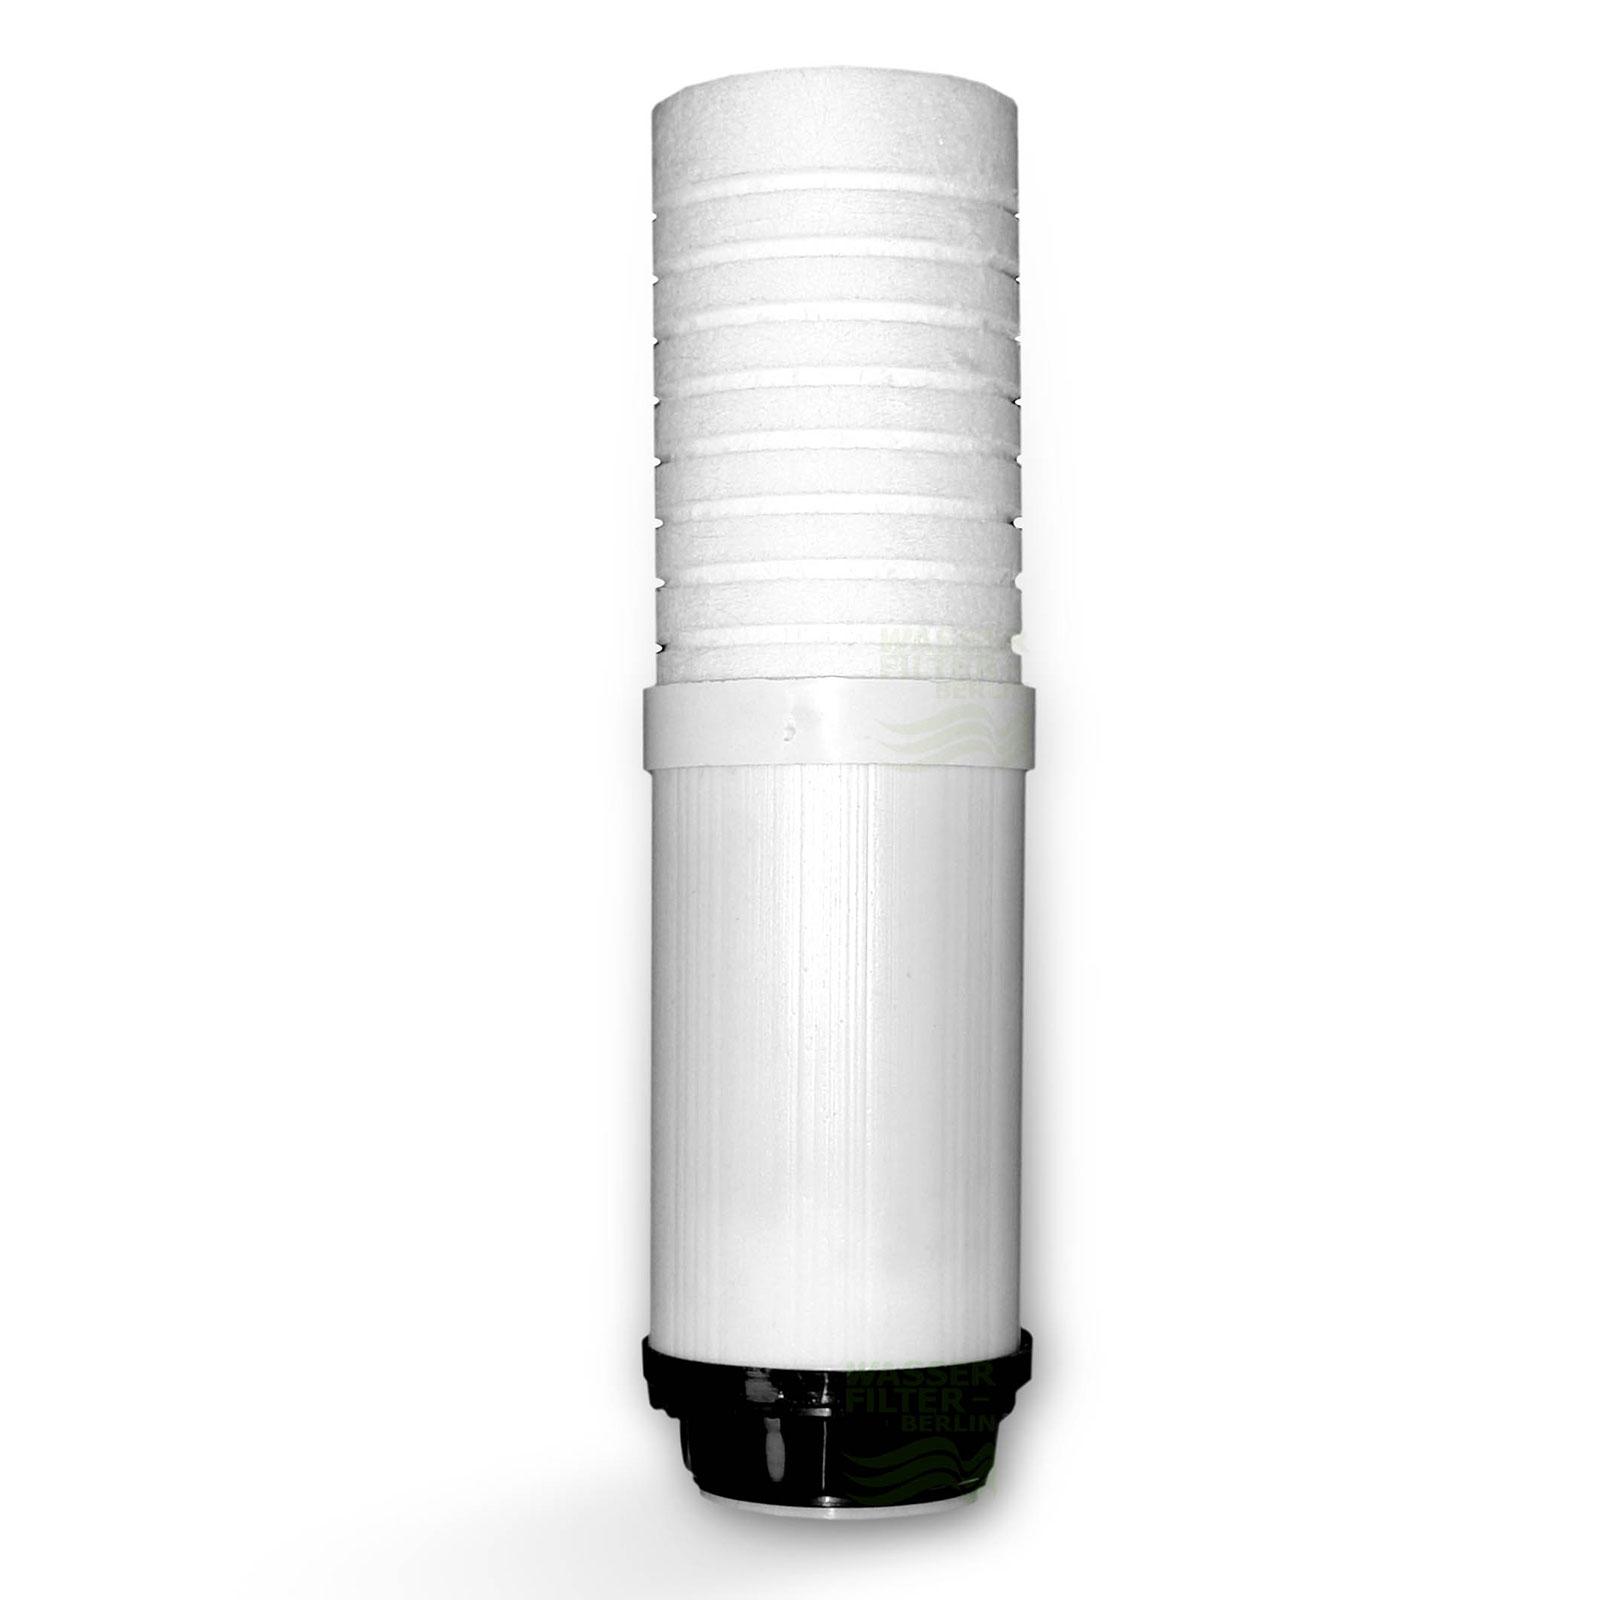 Kombi Trinkwasser Filter Sediment 5 Mikron Aktivkohle Wasserfilter ...